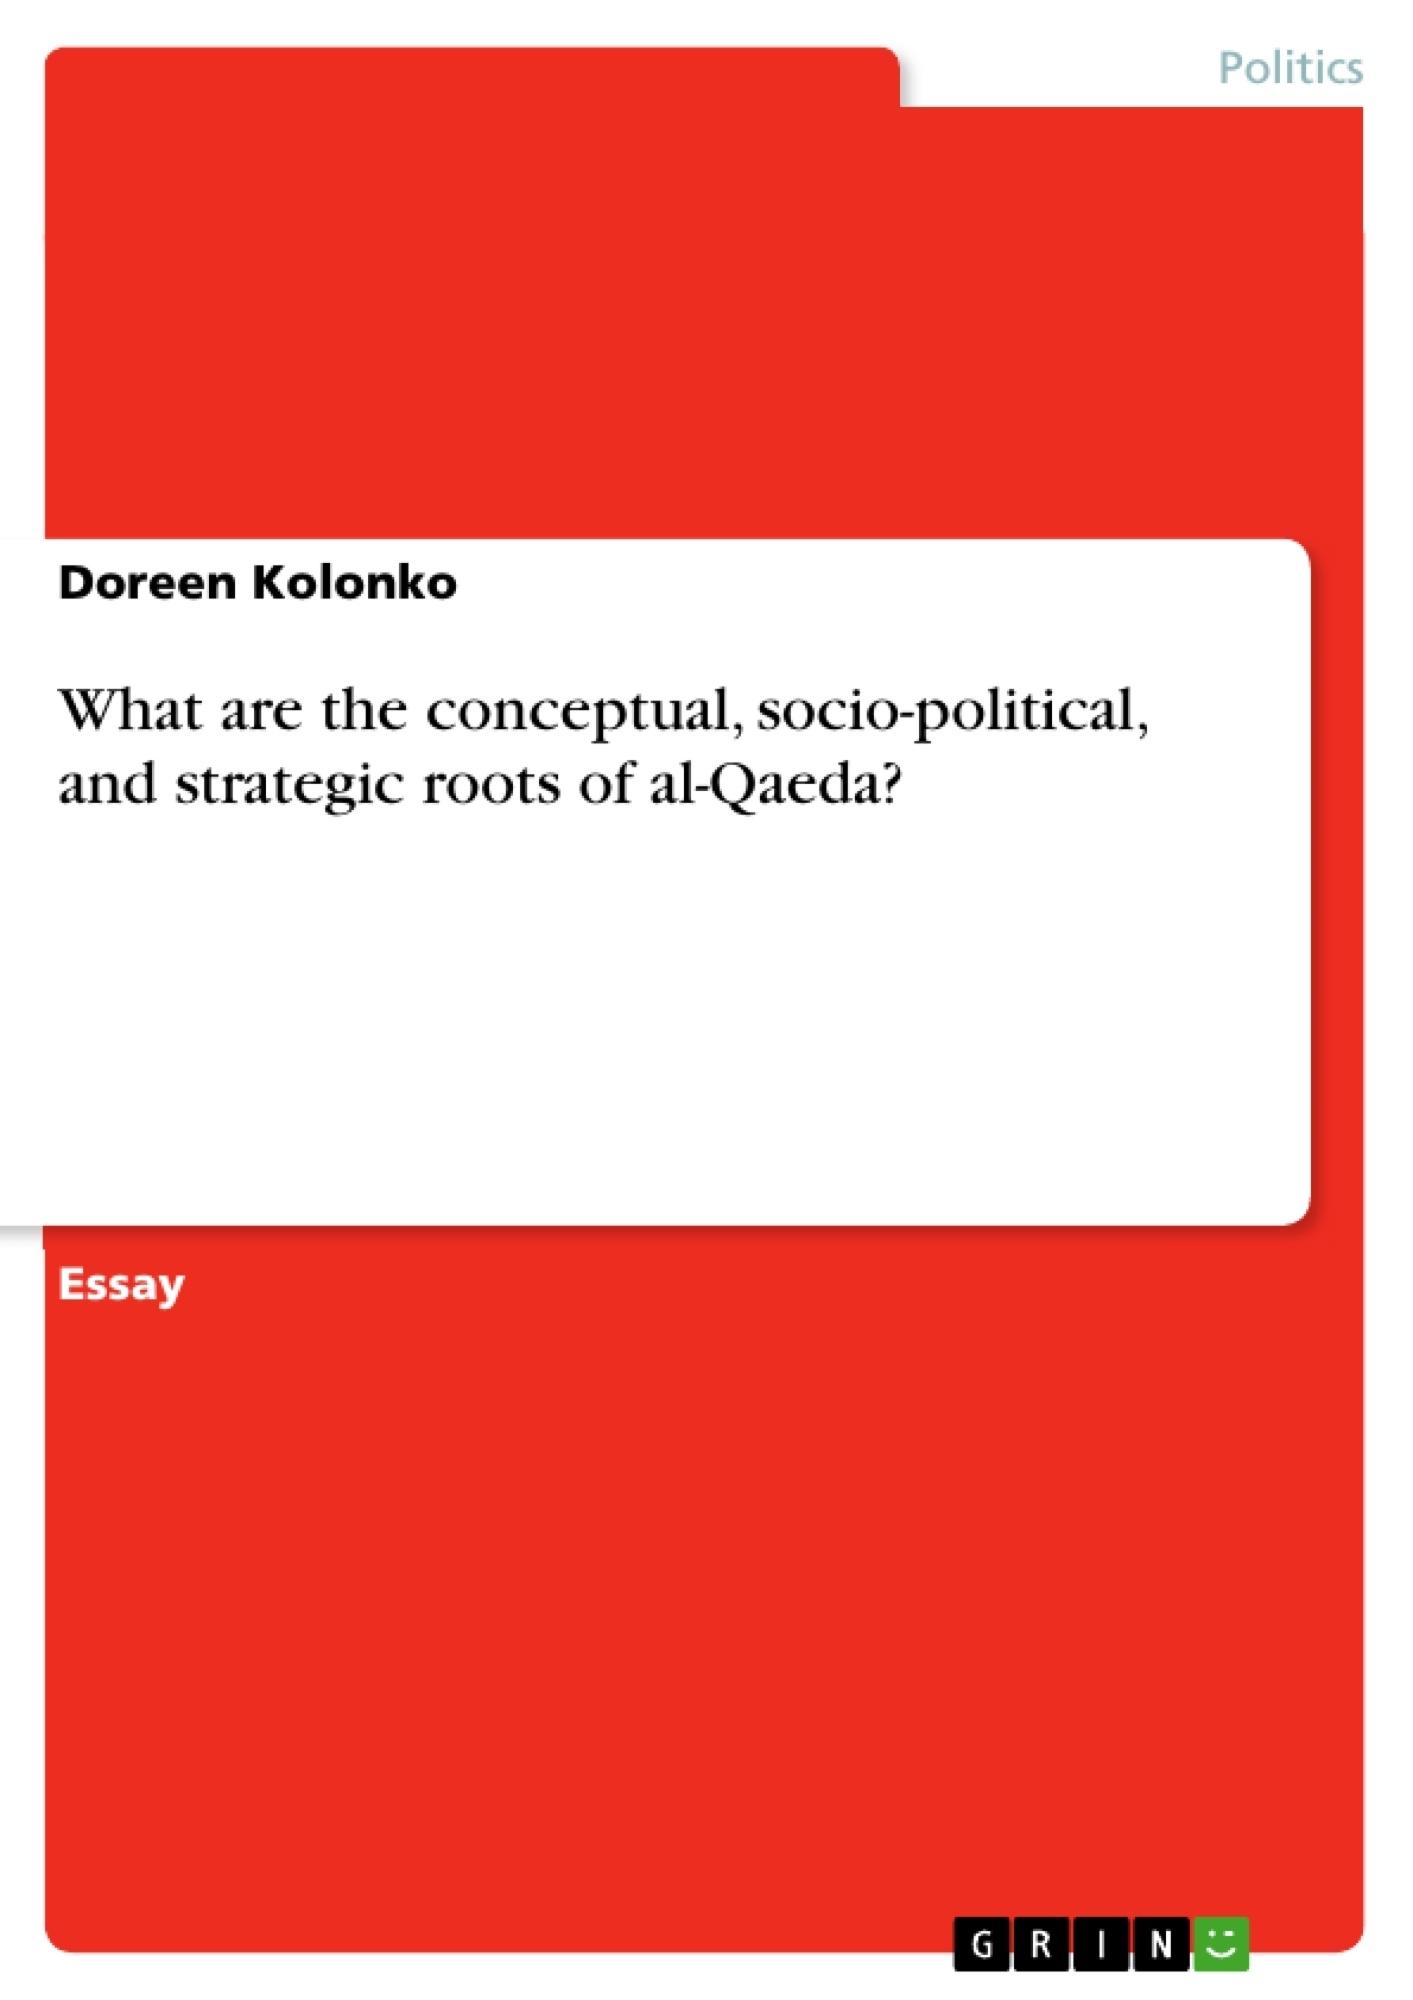 Title: What are the conceptual, socio-political, and strategic roots of al-Qaeda?